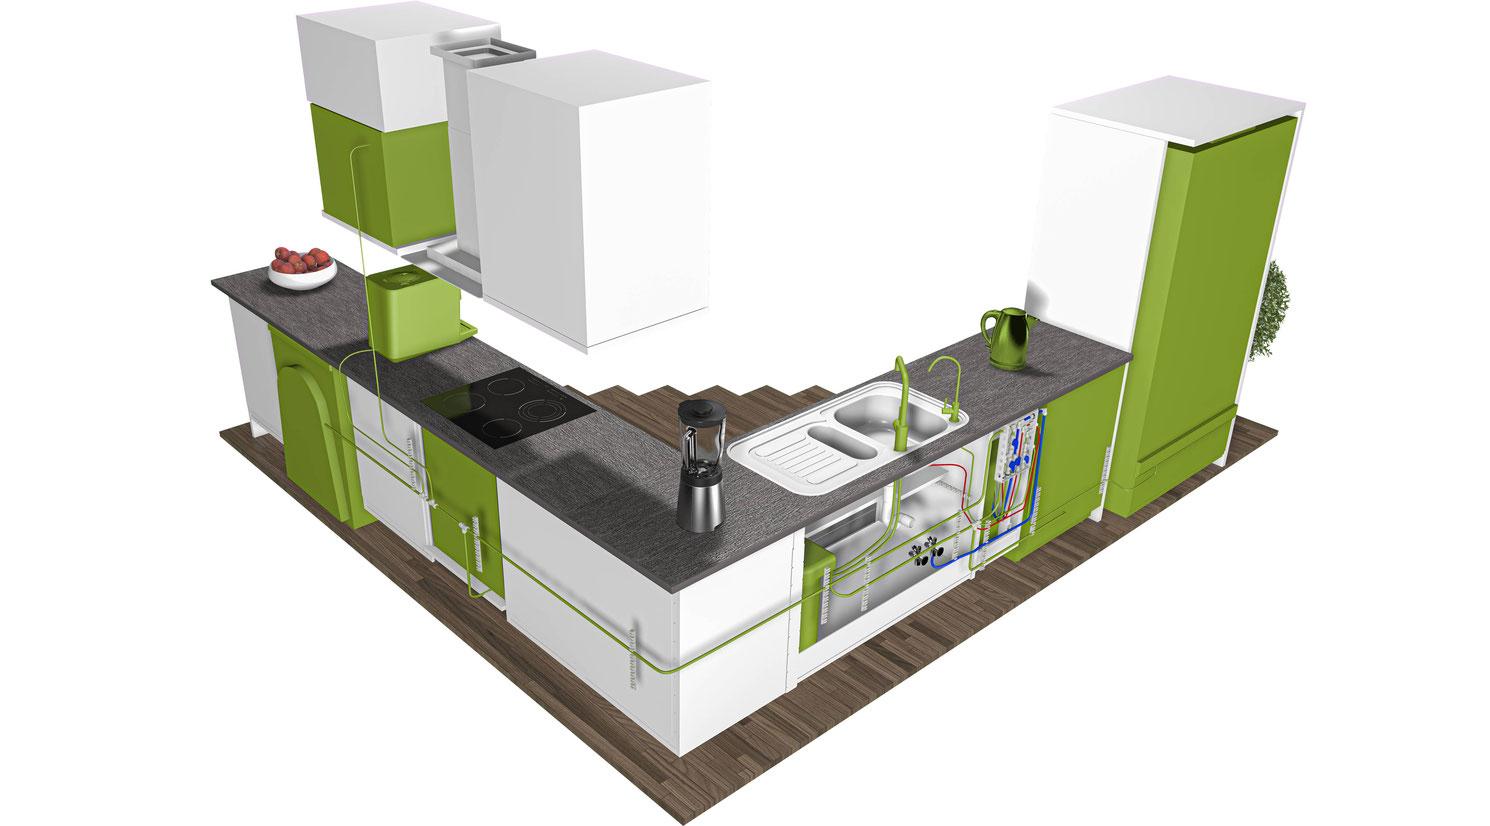 Verdanium MAX Beispielinstallation in der Küche Rückansicht